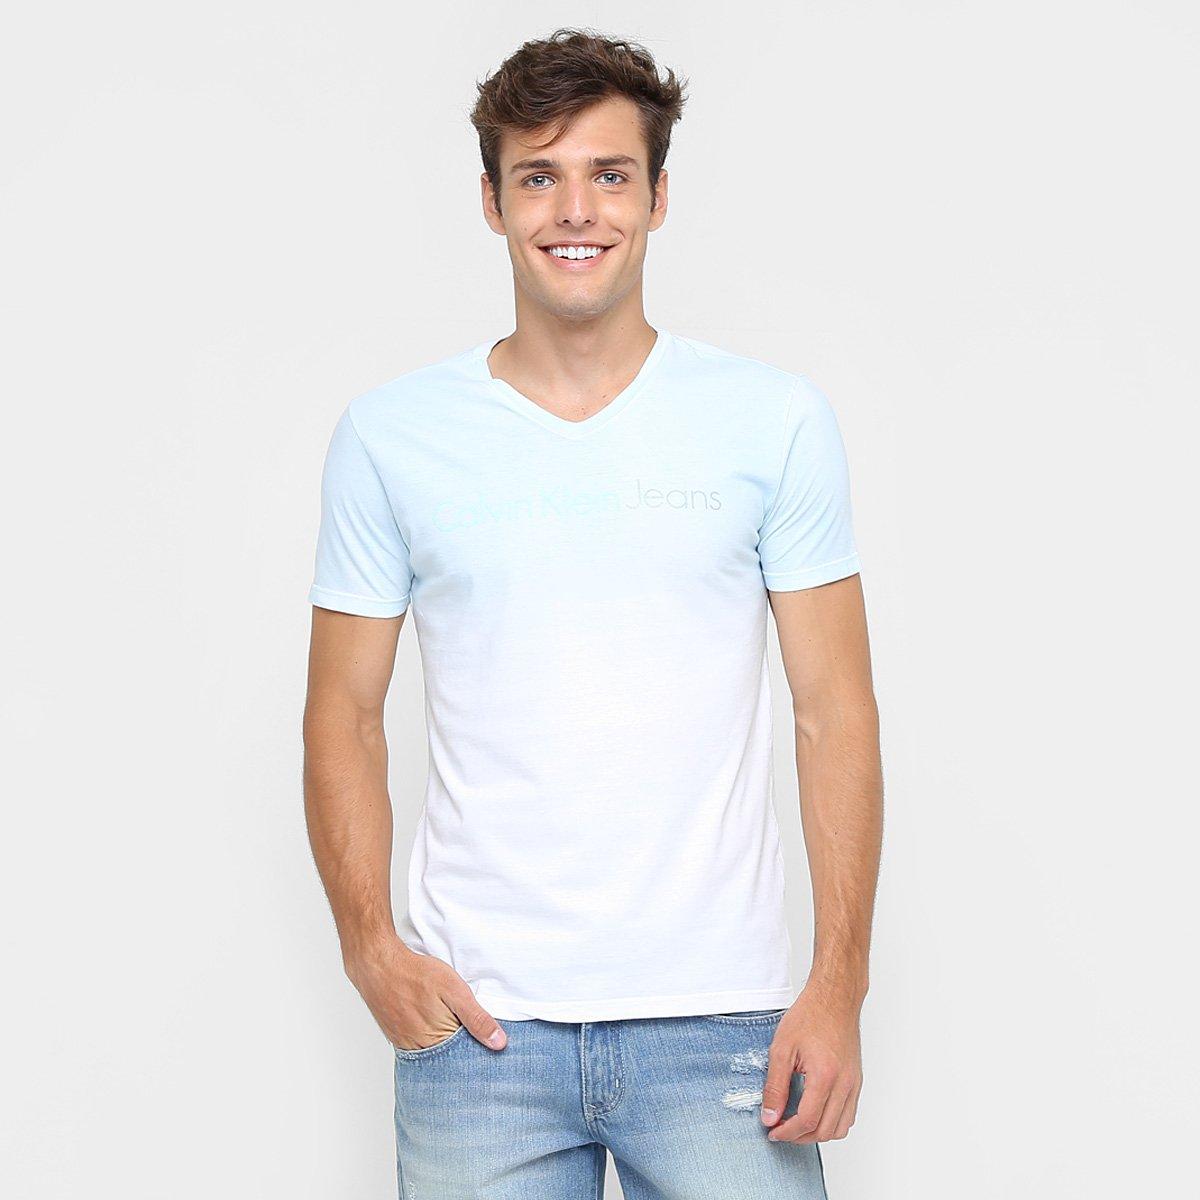 640f0dd6e30e4 Camiseta Calvin Klein Degradê - Compre Agora